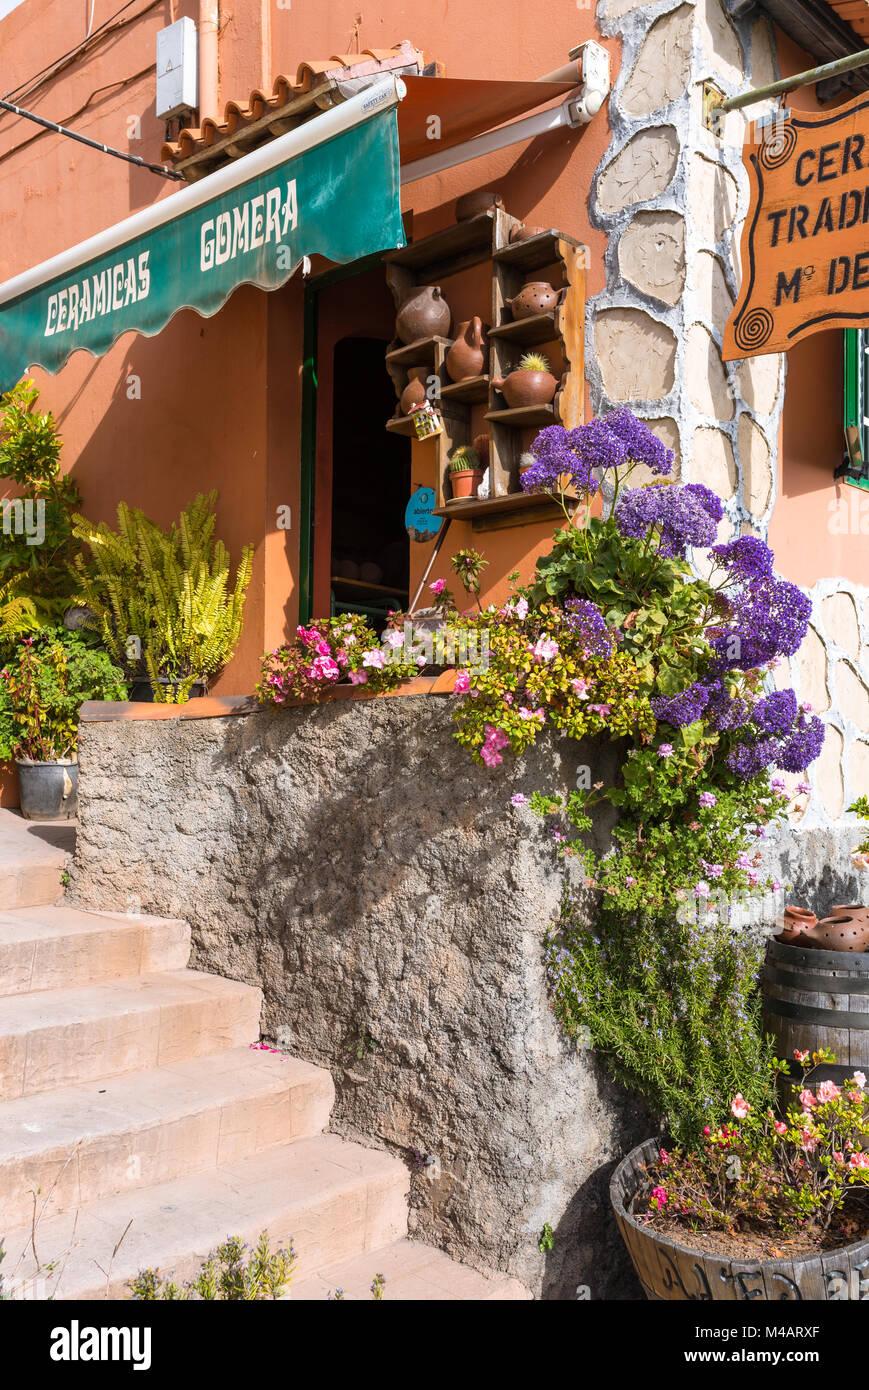 Arts and Crafts in El Cercado La Gomera - Stock Image